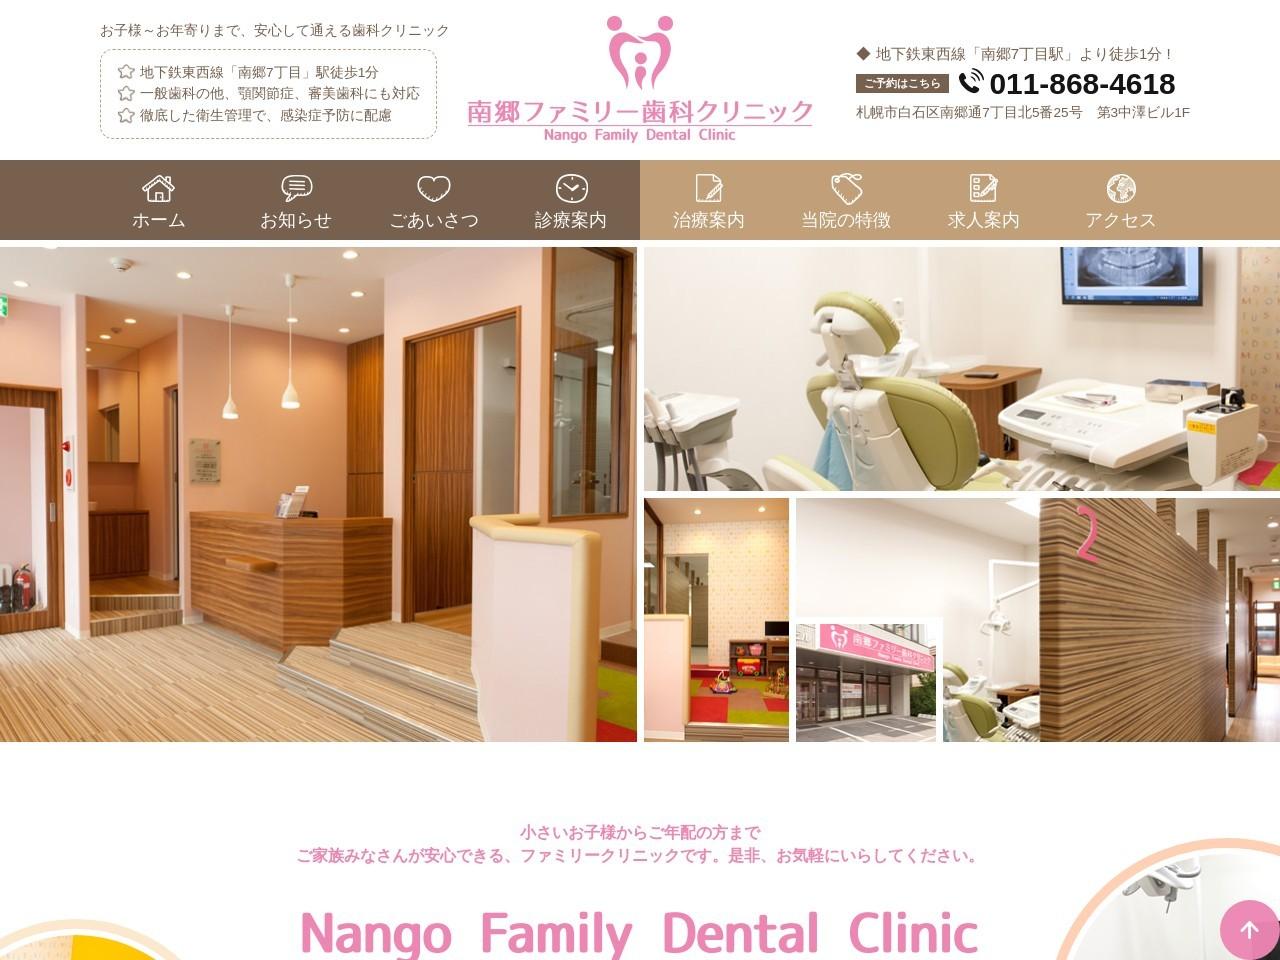 南郷ファミリー歯科クリニック (北海道札幌市白石区)